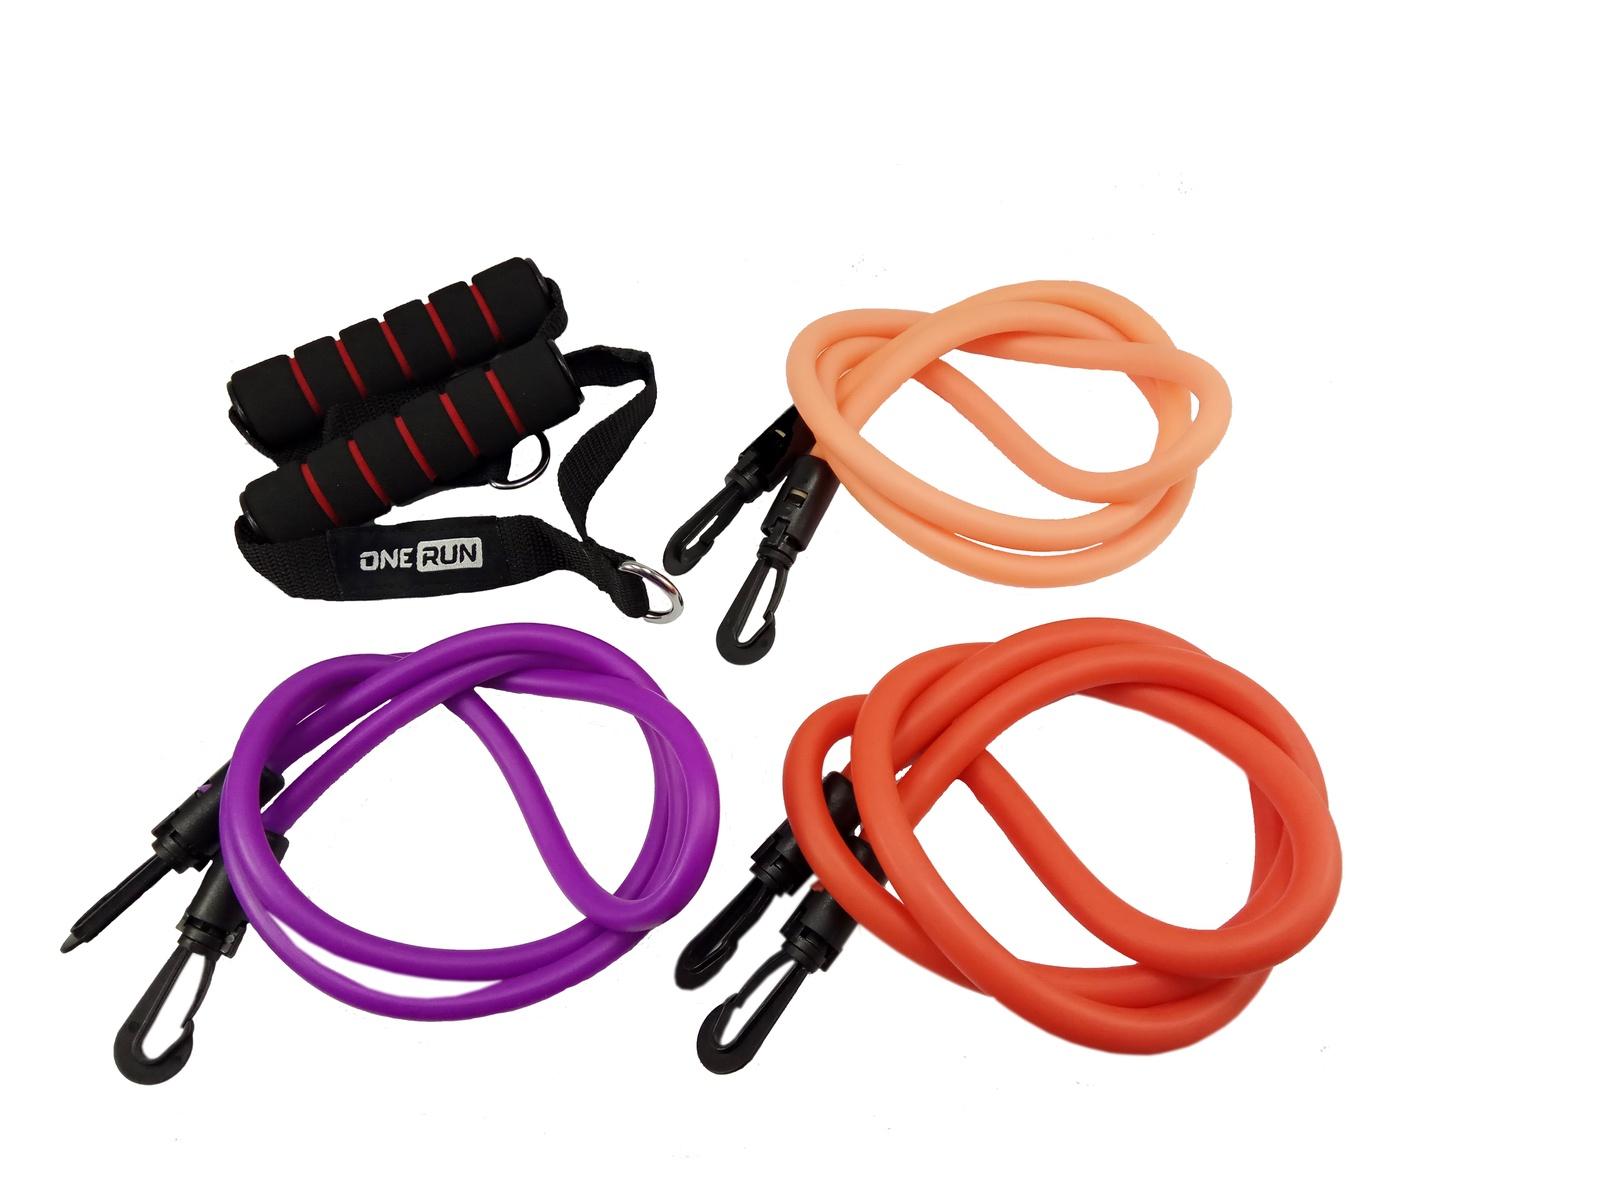 Набор эспандеров трубчатых, OneRun, 495-4853, 3шт набор original fit tools эспандеров трубчатых в защитных чехлах 5 шт и аксессуаров в сумке ft exset pro